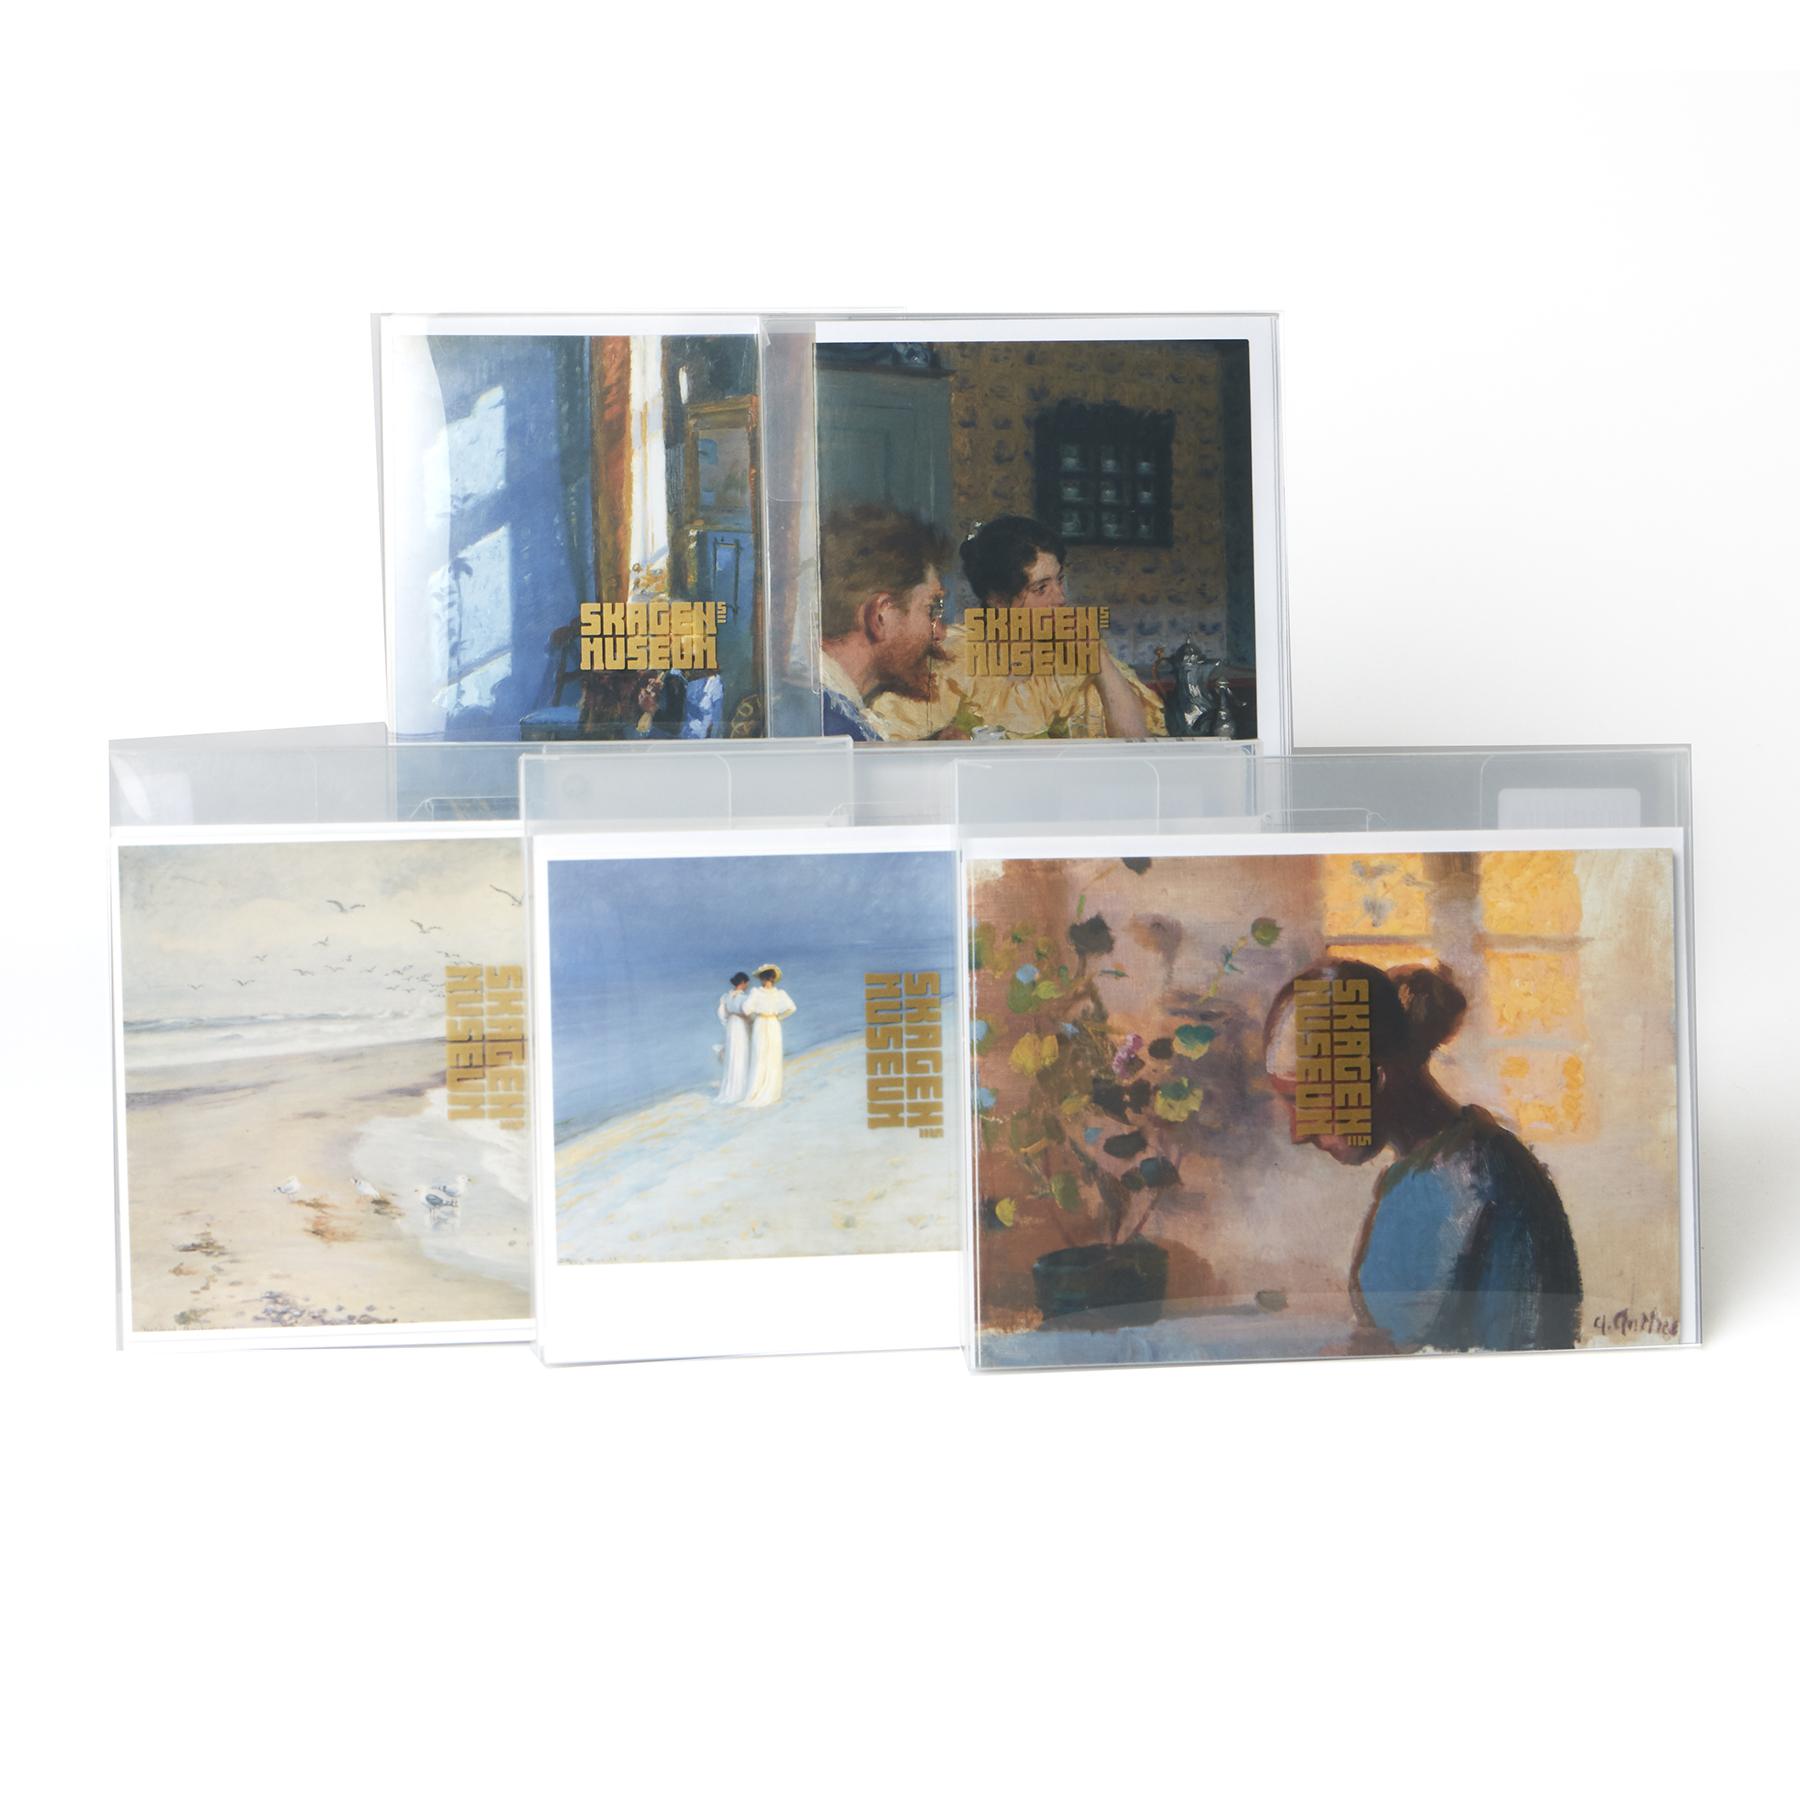 Dobbeltkort med motiver af skagensmalerne. To motiver i hver pakke